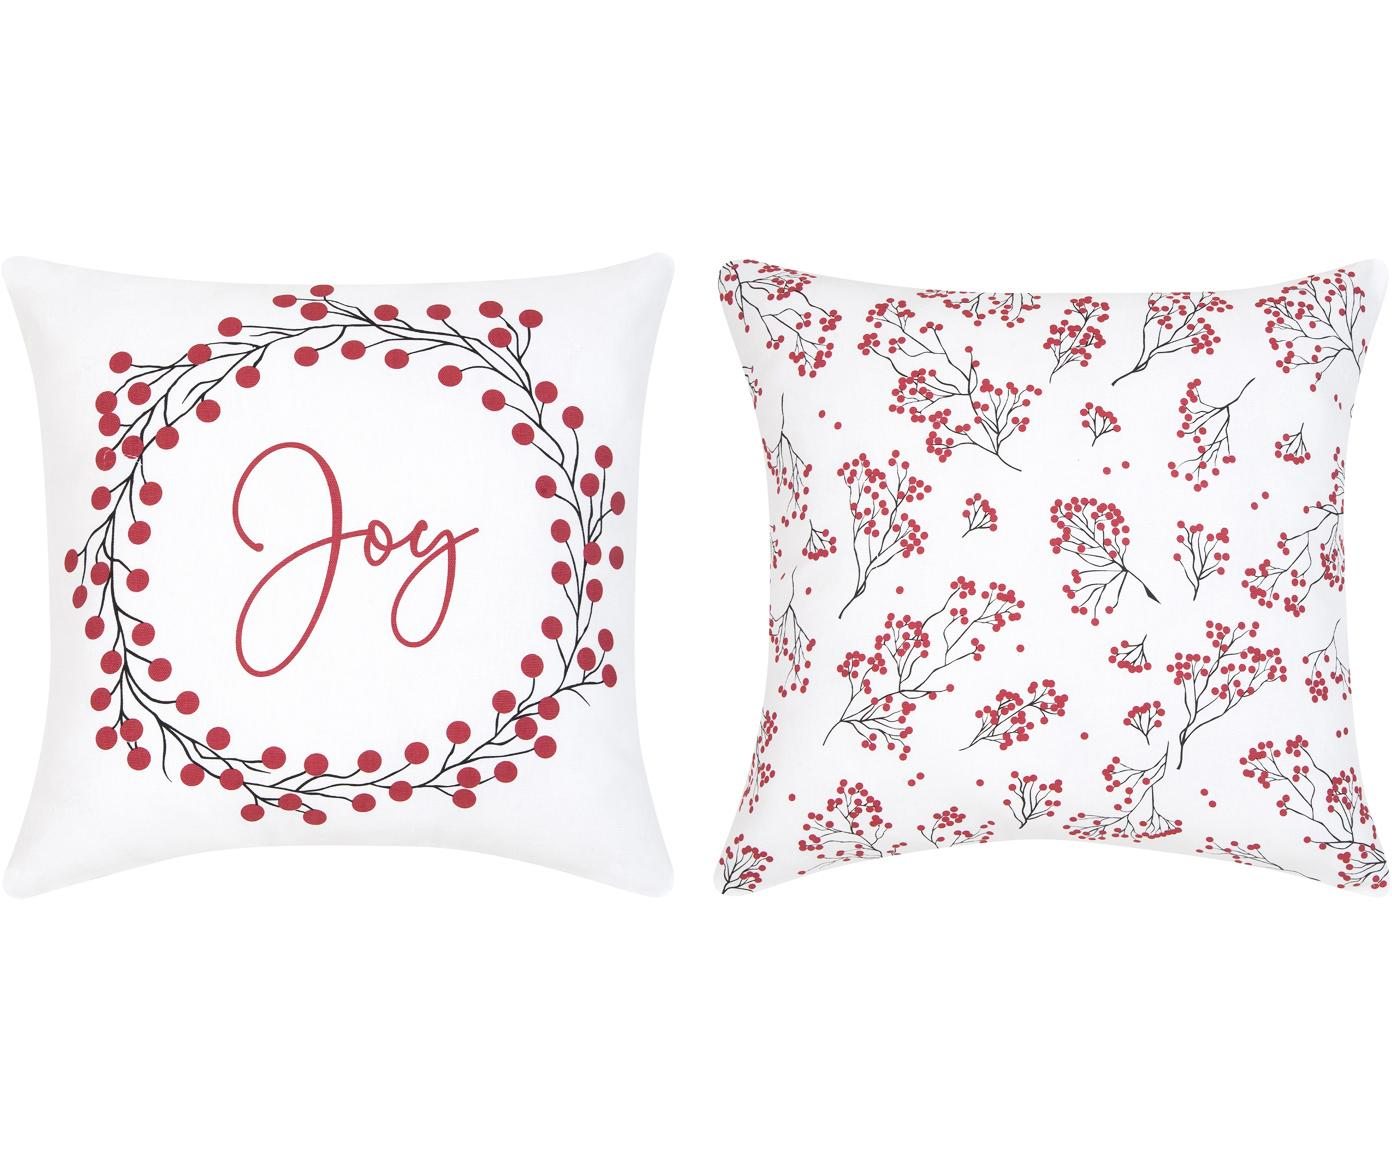 Kissenhüllen Joy, 2er-Set, Baumwolle, Rot, Weiß, Schwarz, 40 x 40 cm